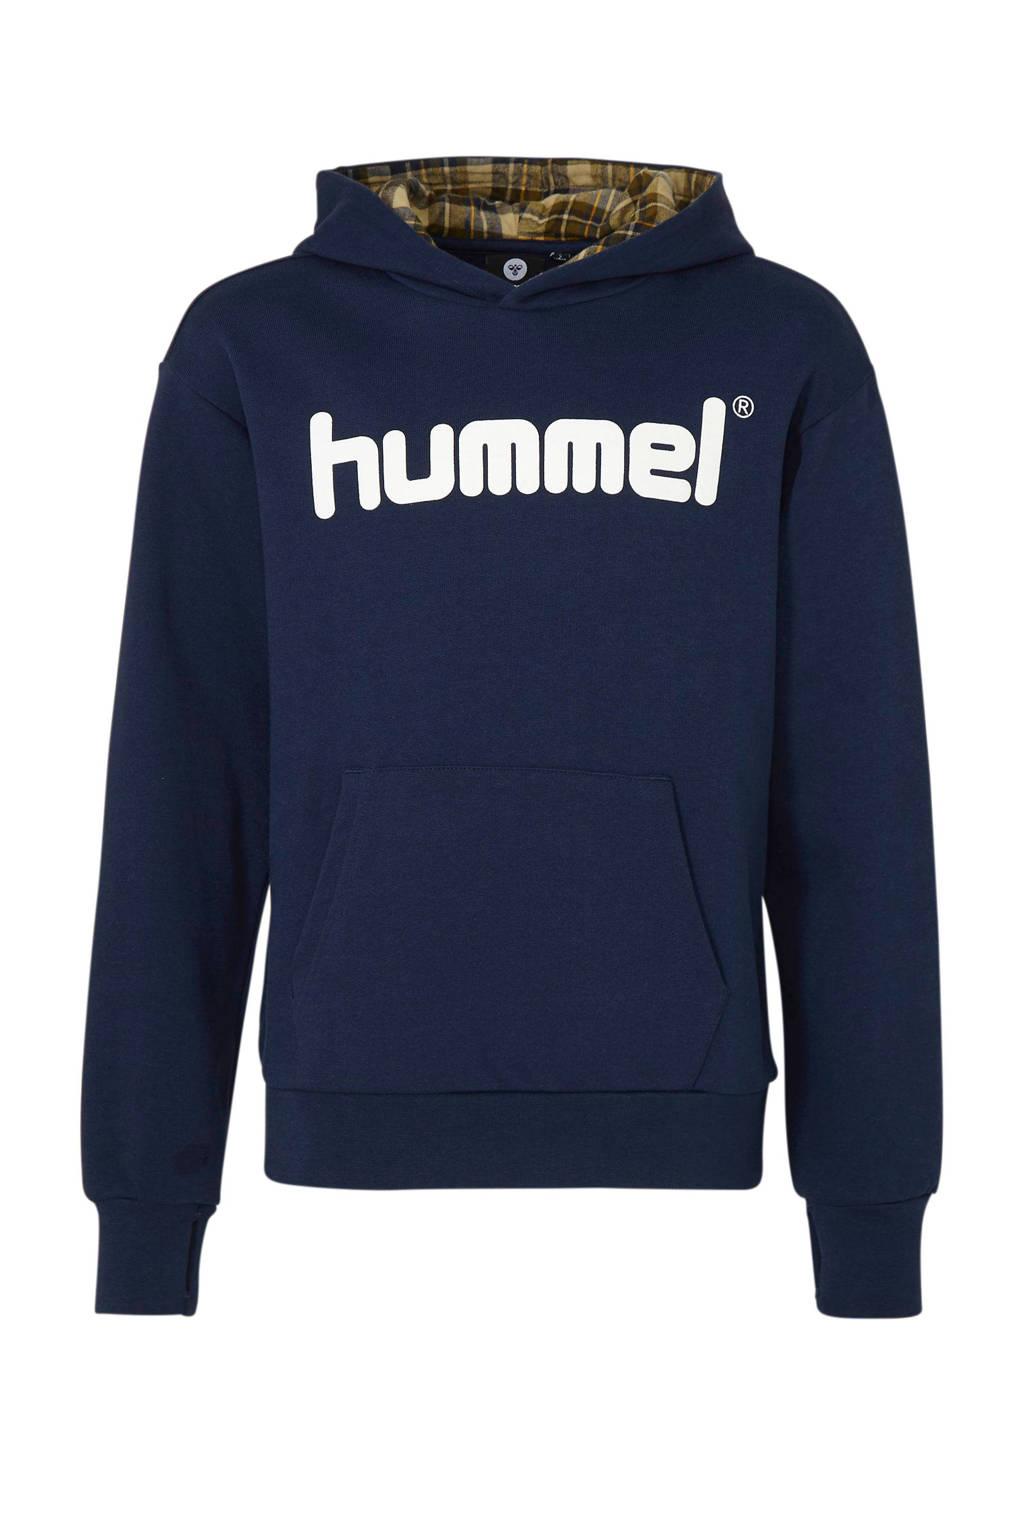 hummel   hoodie donkerblauw, Donkerblauw